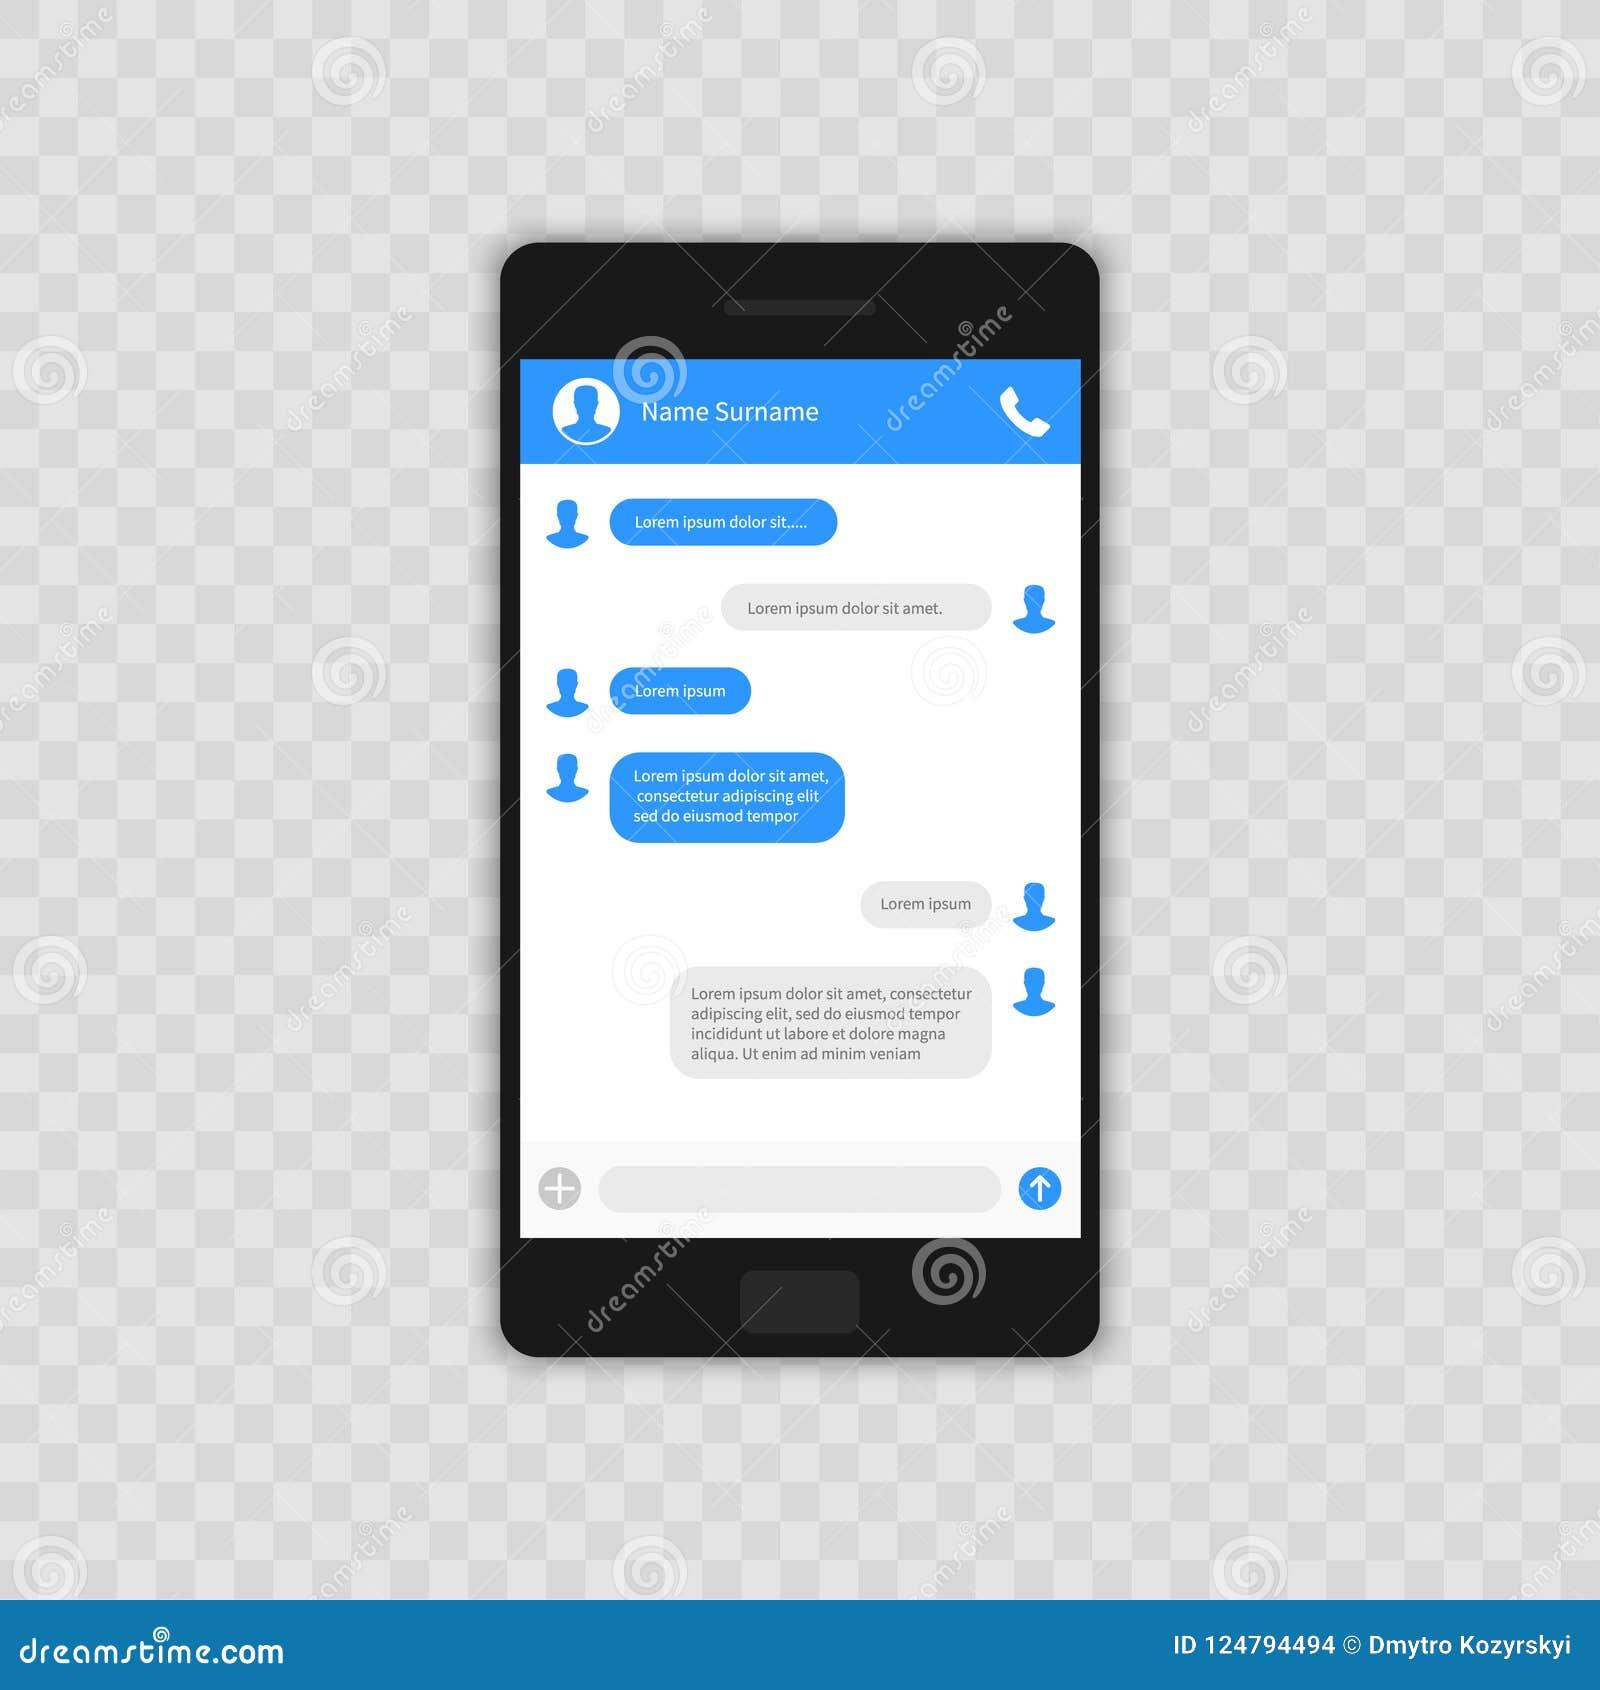 η έννοια παρήγαγε ψηφιακά γεια το δίκτυο RES εικόνας κοινωνικό κενό πρότυπο αφηρημένο διανυσματικό παράθυρο αγγελιοφόρων απεικόνι